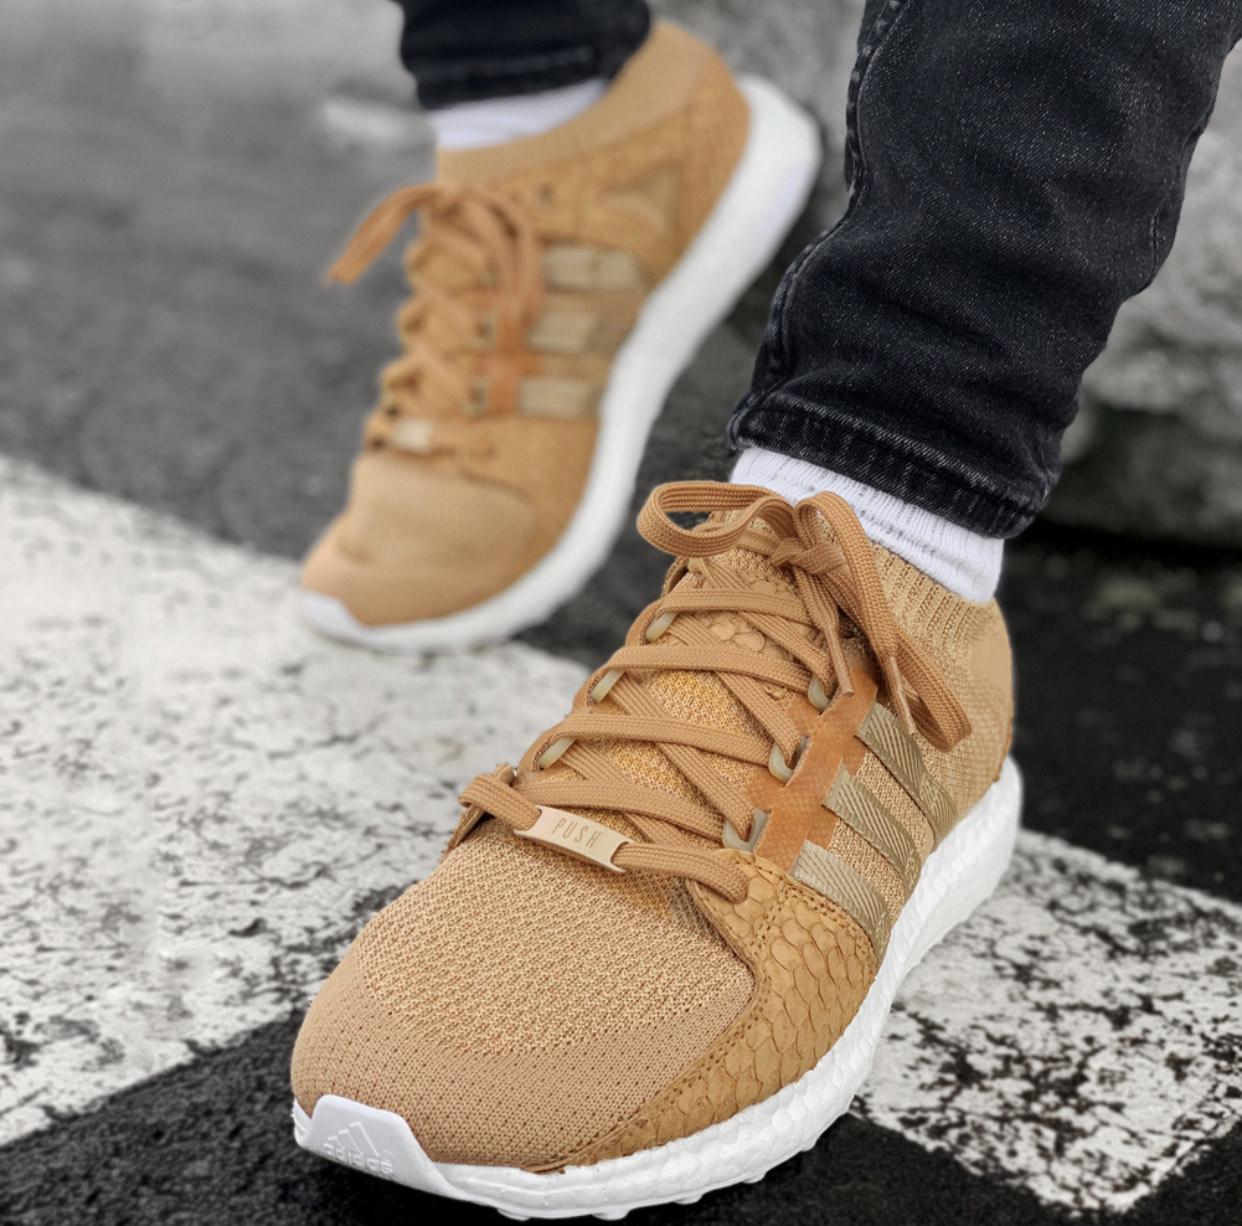 adidas Originals x King Push EQT Support Ultra Boost Bodega Sneaker